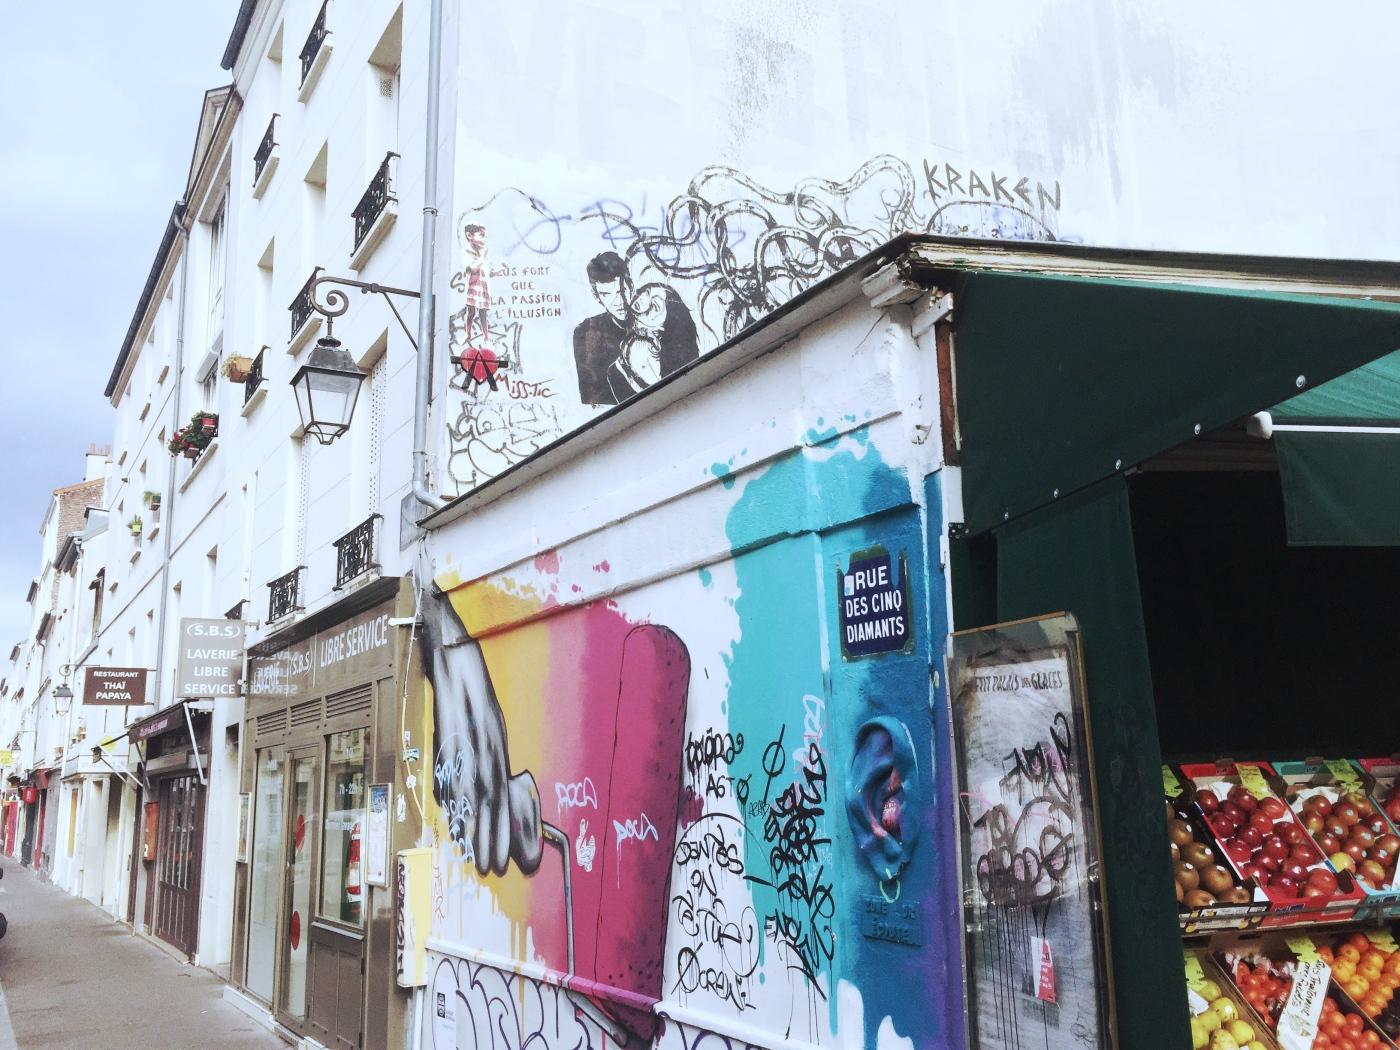 Butte aux cailles Paris visit 4